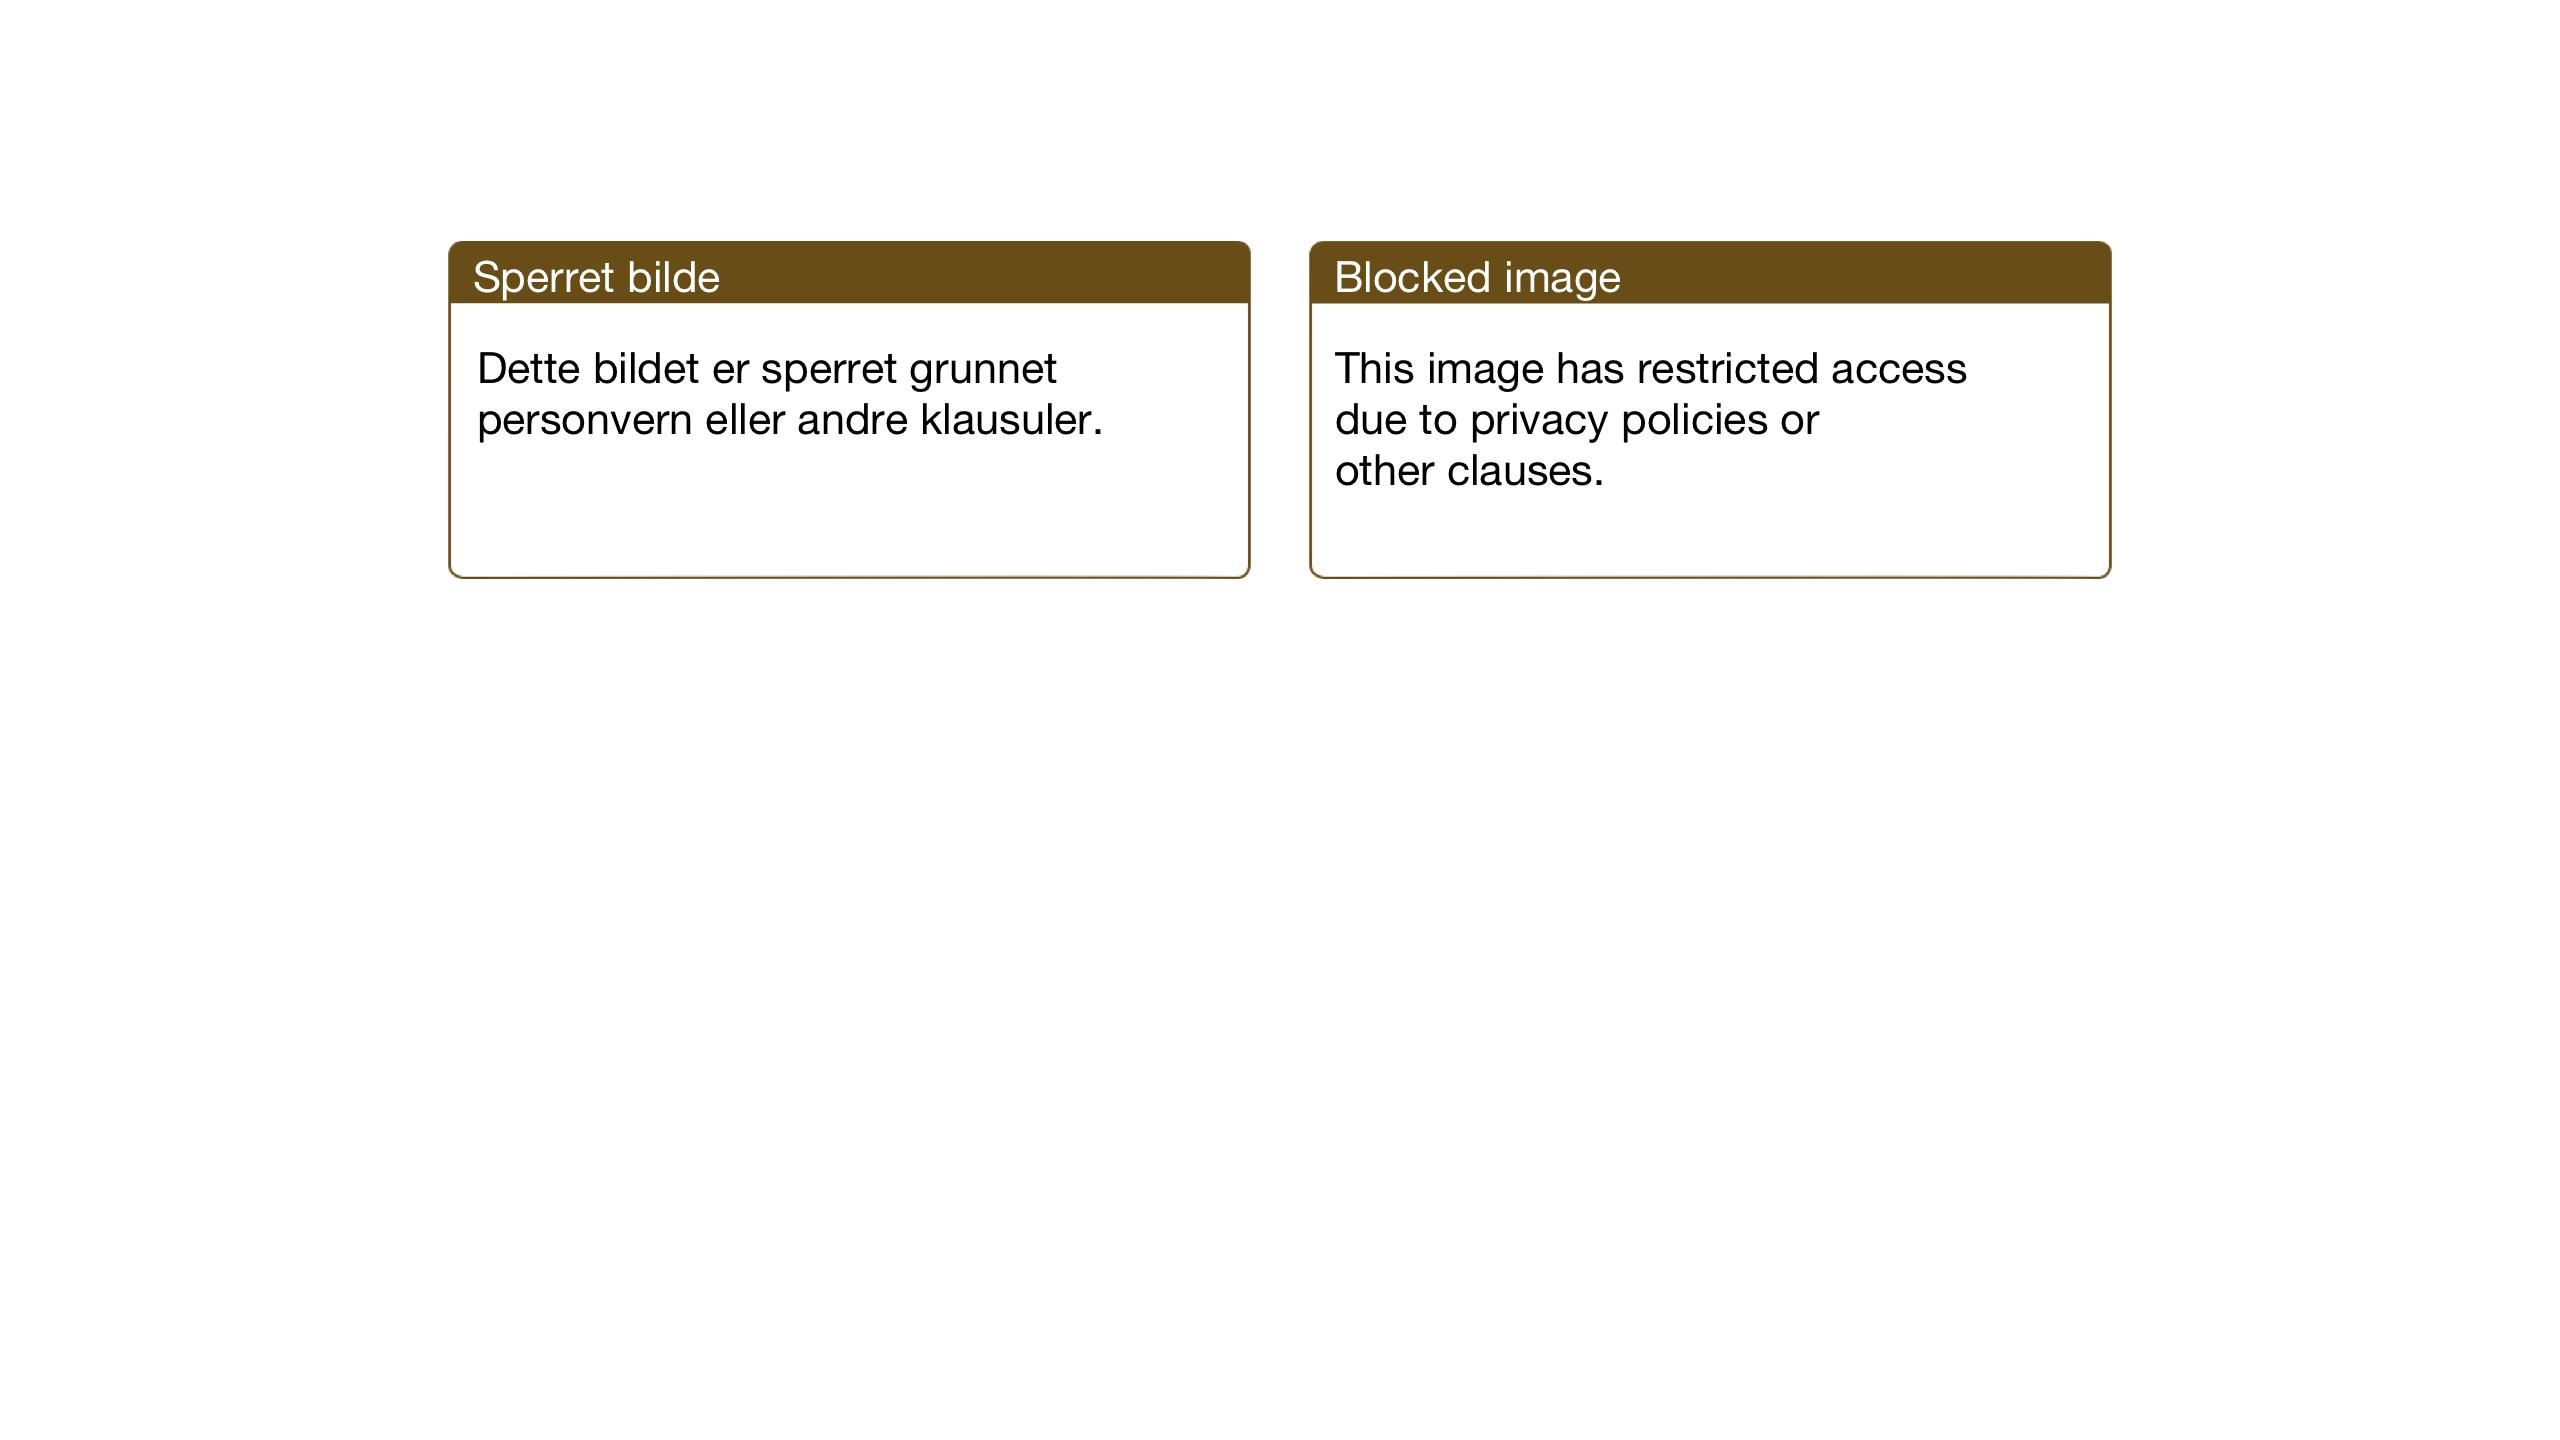 SAT, Ministerialprotokoller, klokkerbøker og fødselsregistre - Nord-Trøndelag, 748/L0465: Klokkerbok nr. 748C01, 1908-1960, s. 24